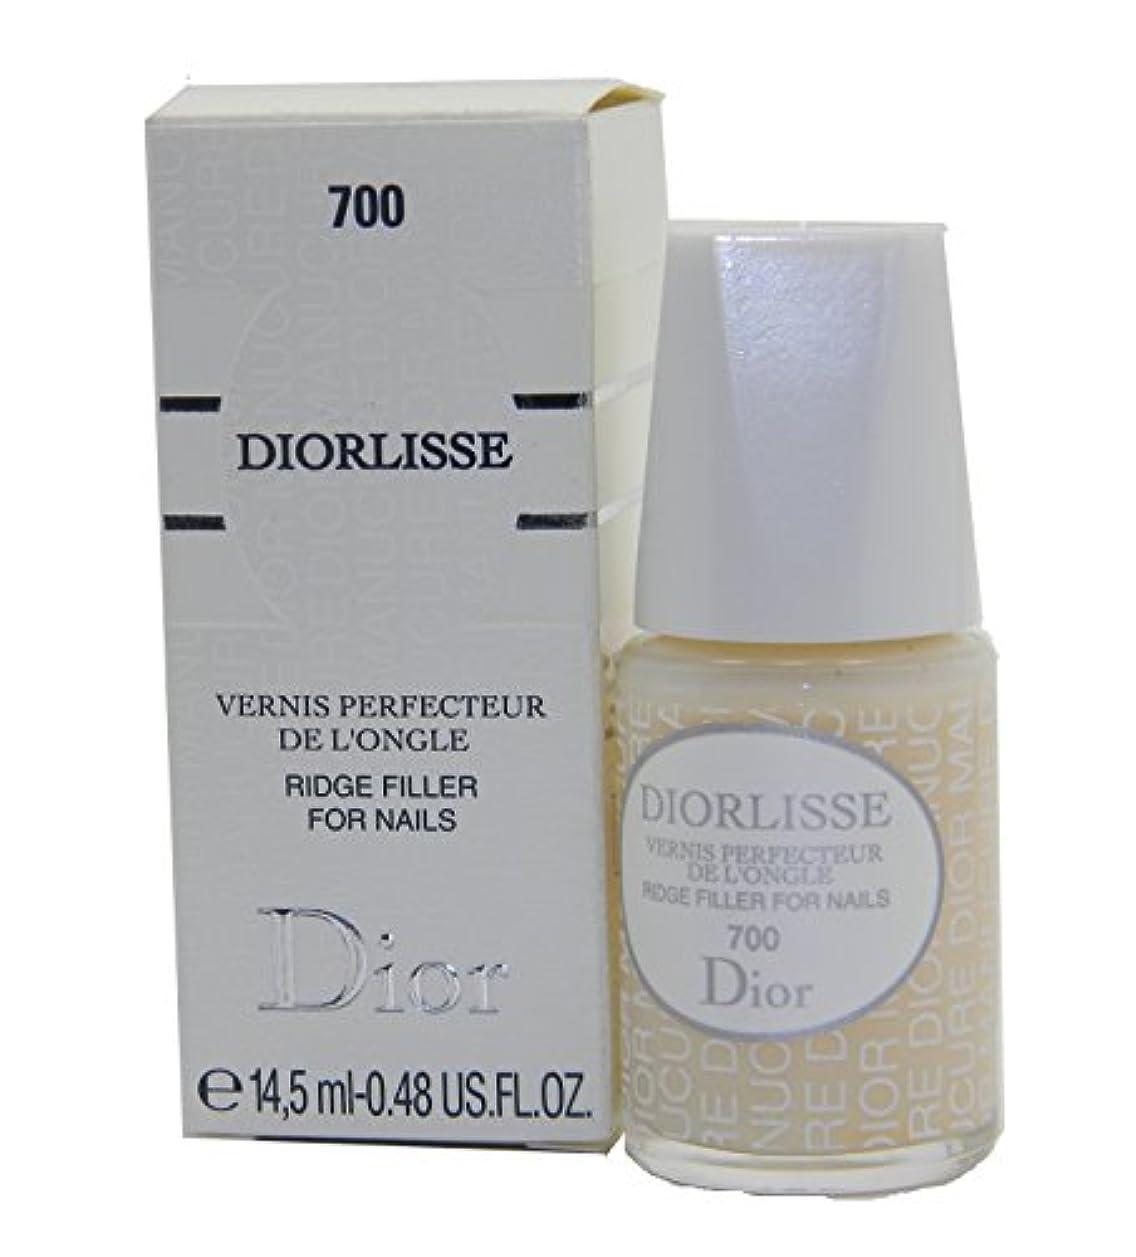 脇にリベラル不確実Dior Diorlisse Ridge Filler For Nail 700(ディオールリス リッジフィラー フォーネイル 700)[海外直送品] [並行輸入品]